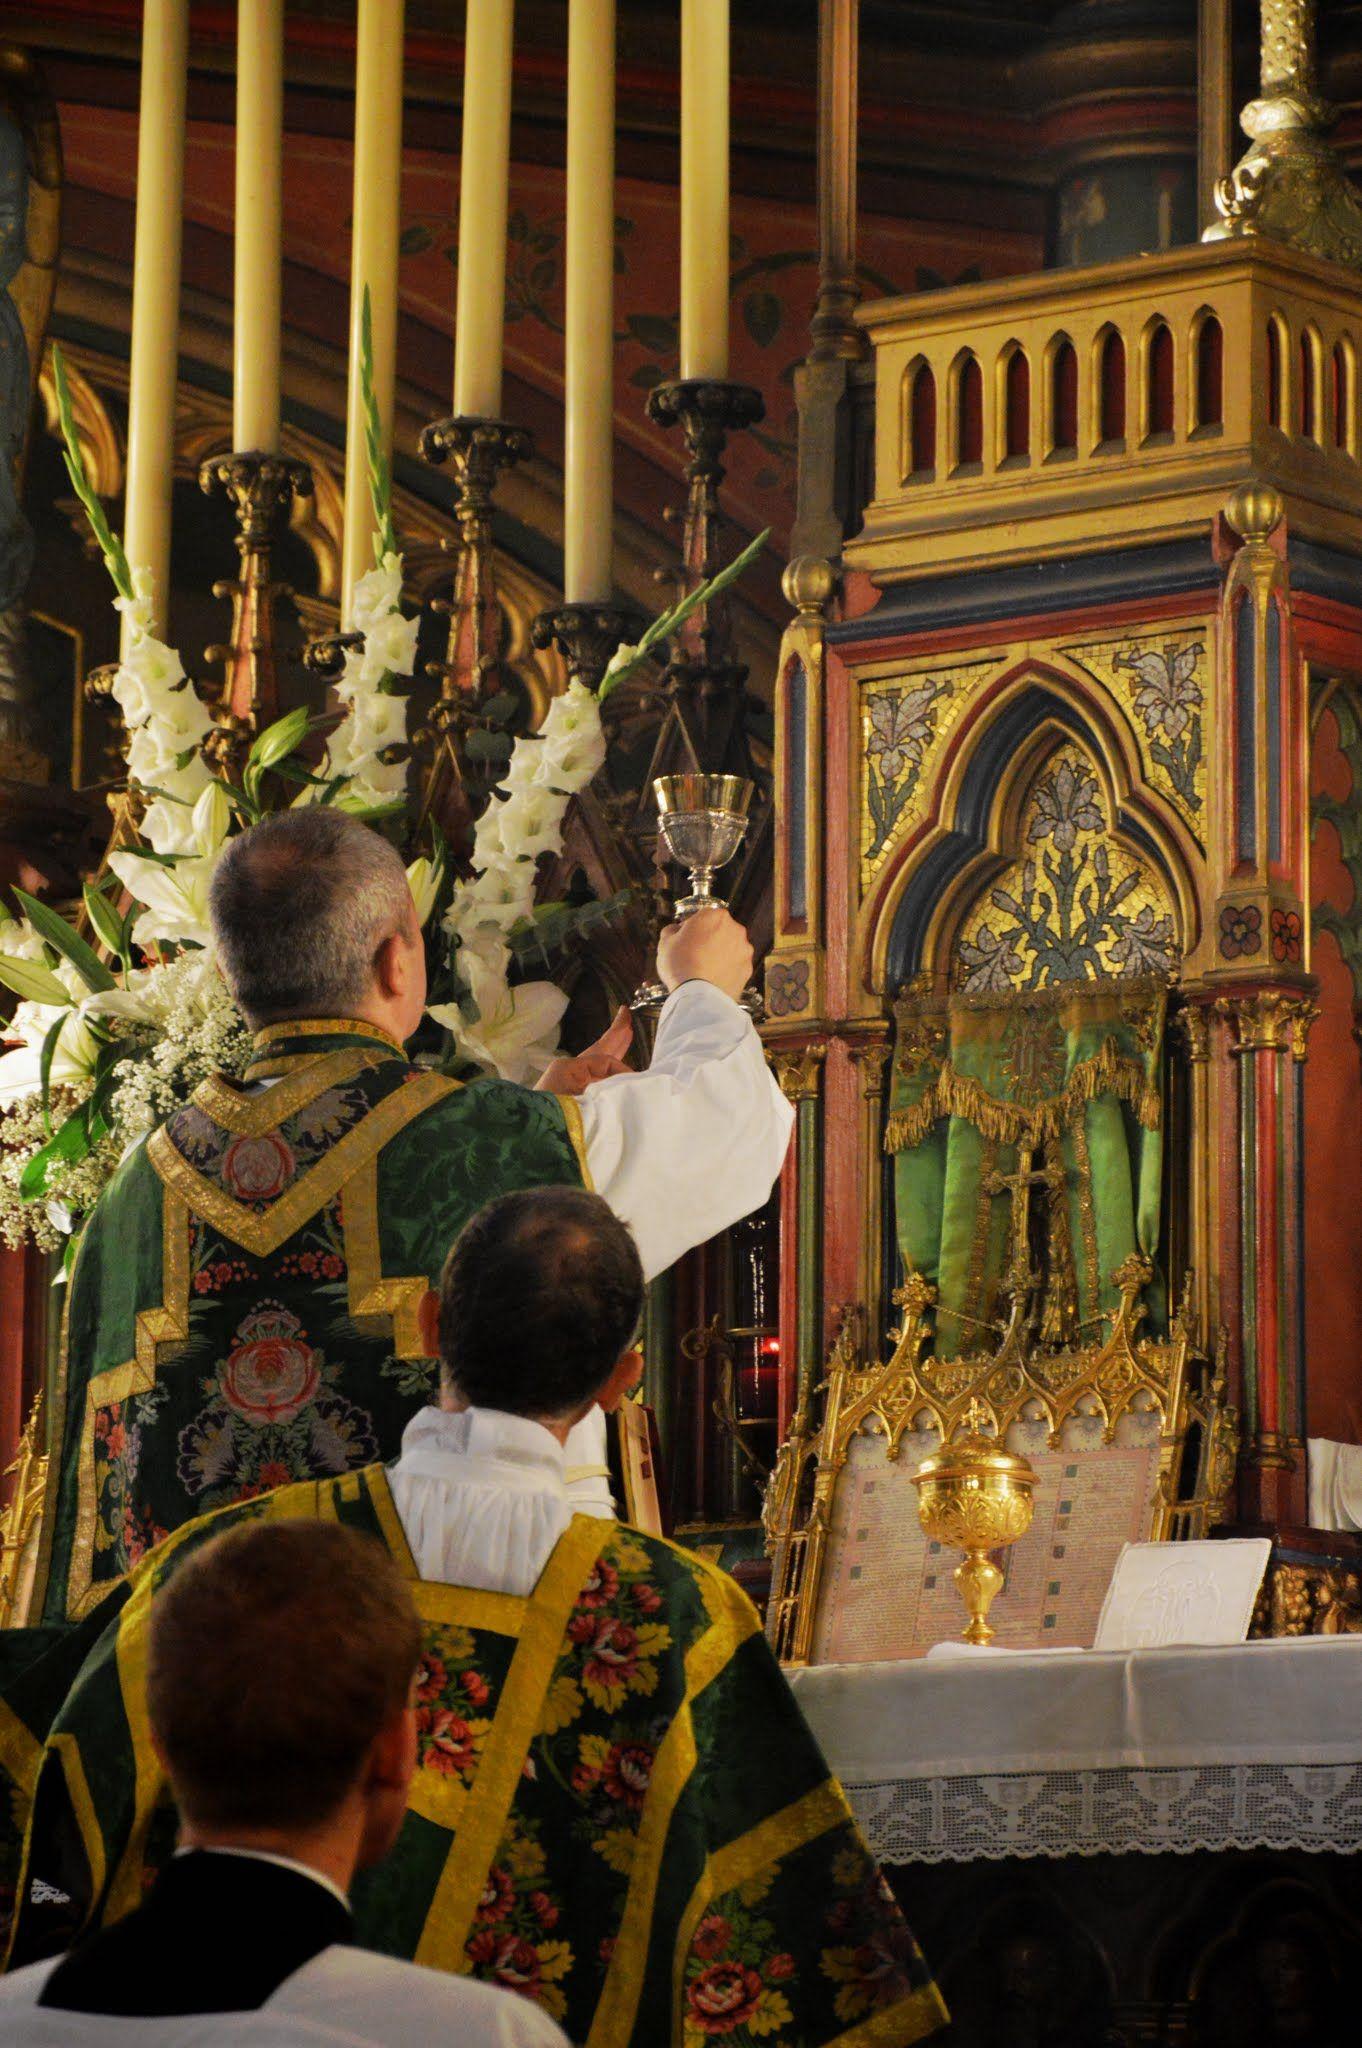 Installation dimanche dernier du nouveau curé de Saint-Eugène : élévation du Sang du Seigneur. http://buff.ly/1QmHNWe?utm_content=buffer8e972&utm_medium=social&utm_source=pinterest.com&utm_campaign=buffer